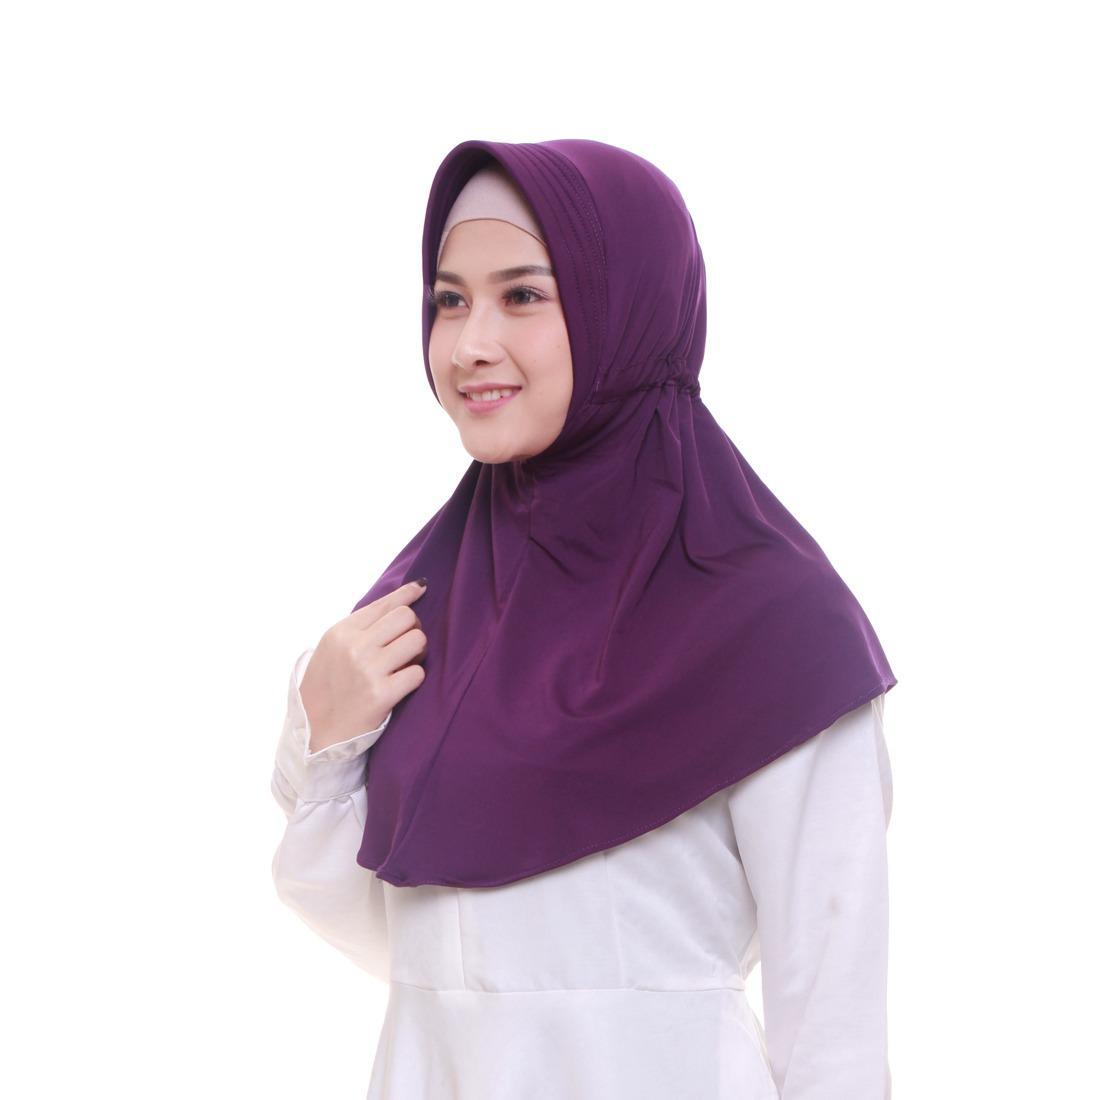 Kelebihan Promo Adibah Serut Jokowi Best Seller 1kg Muat 10 Pcs Jilbab Adiba Instan